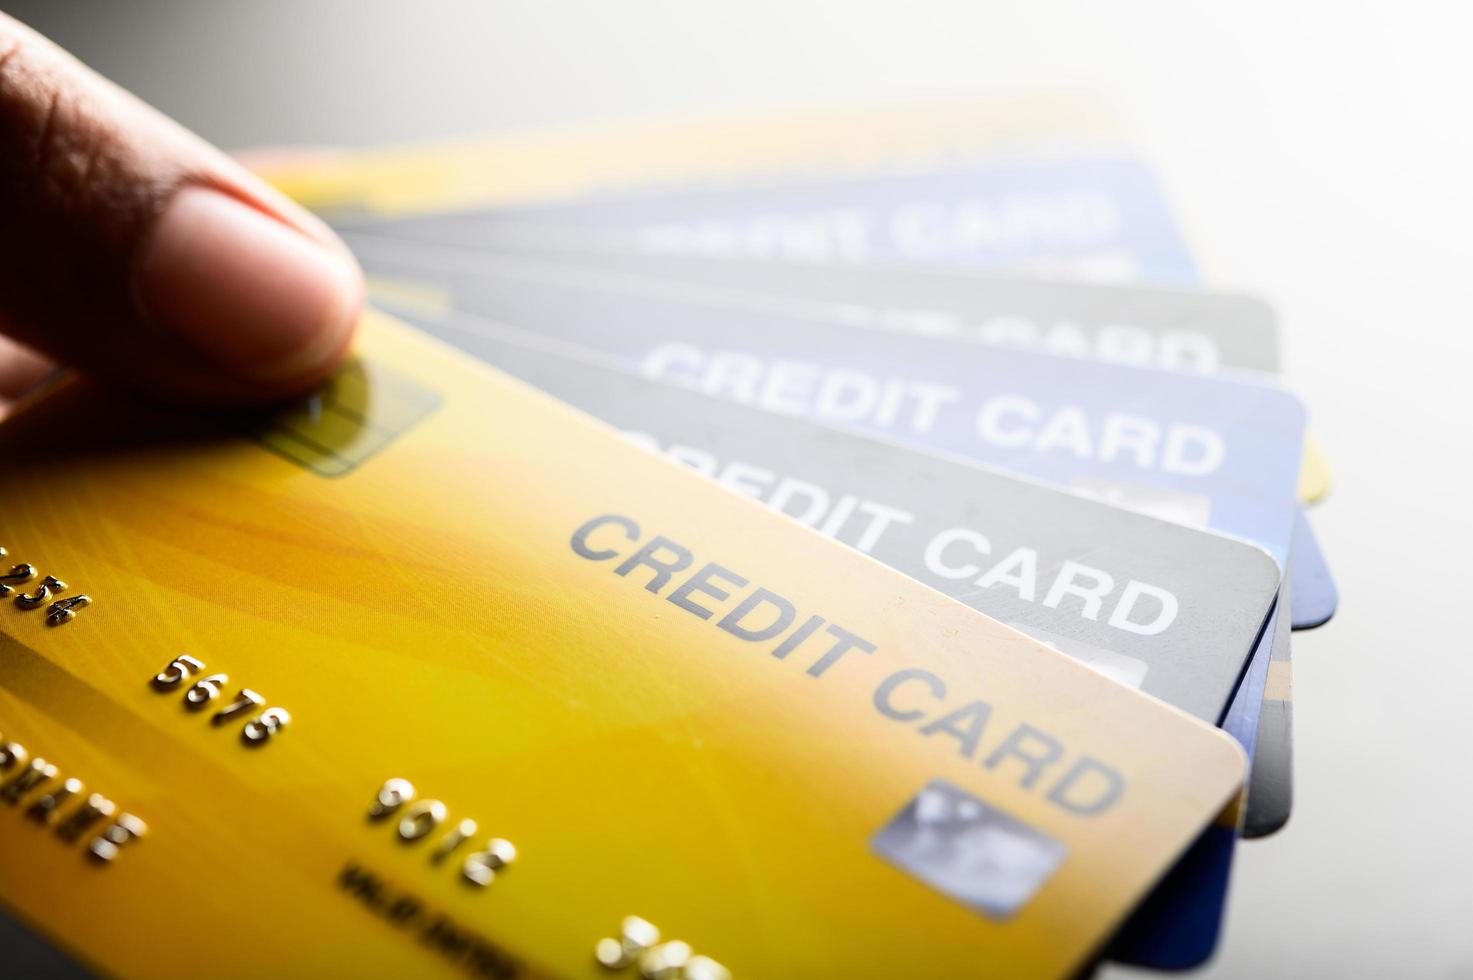 imágenes de primer plano de varias tarjetas de crédito foto